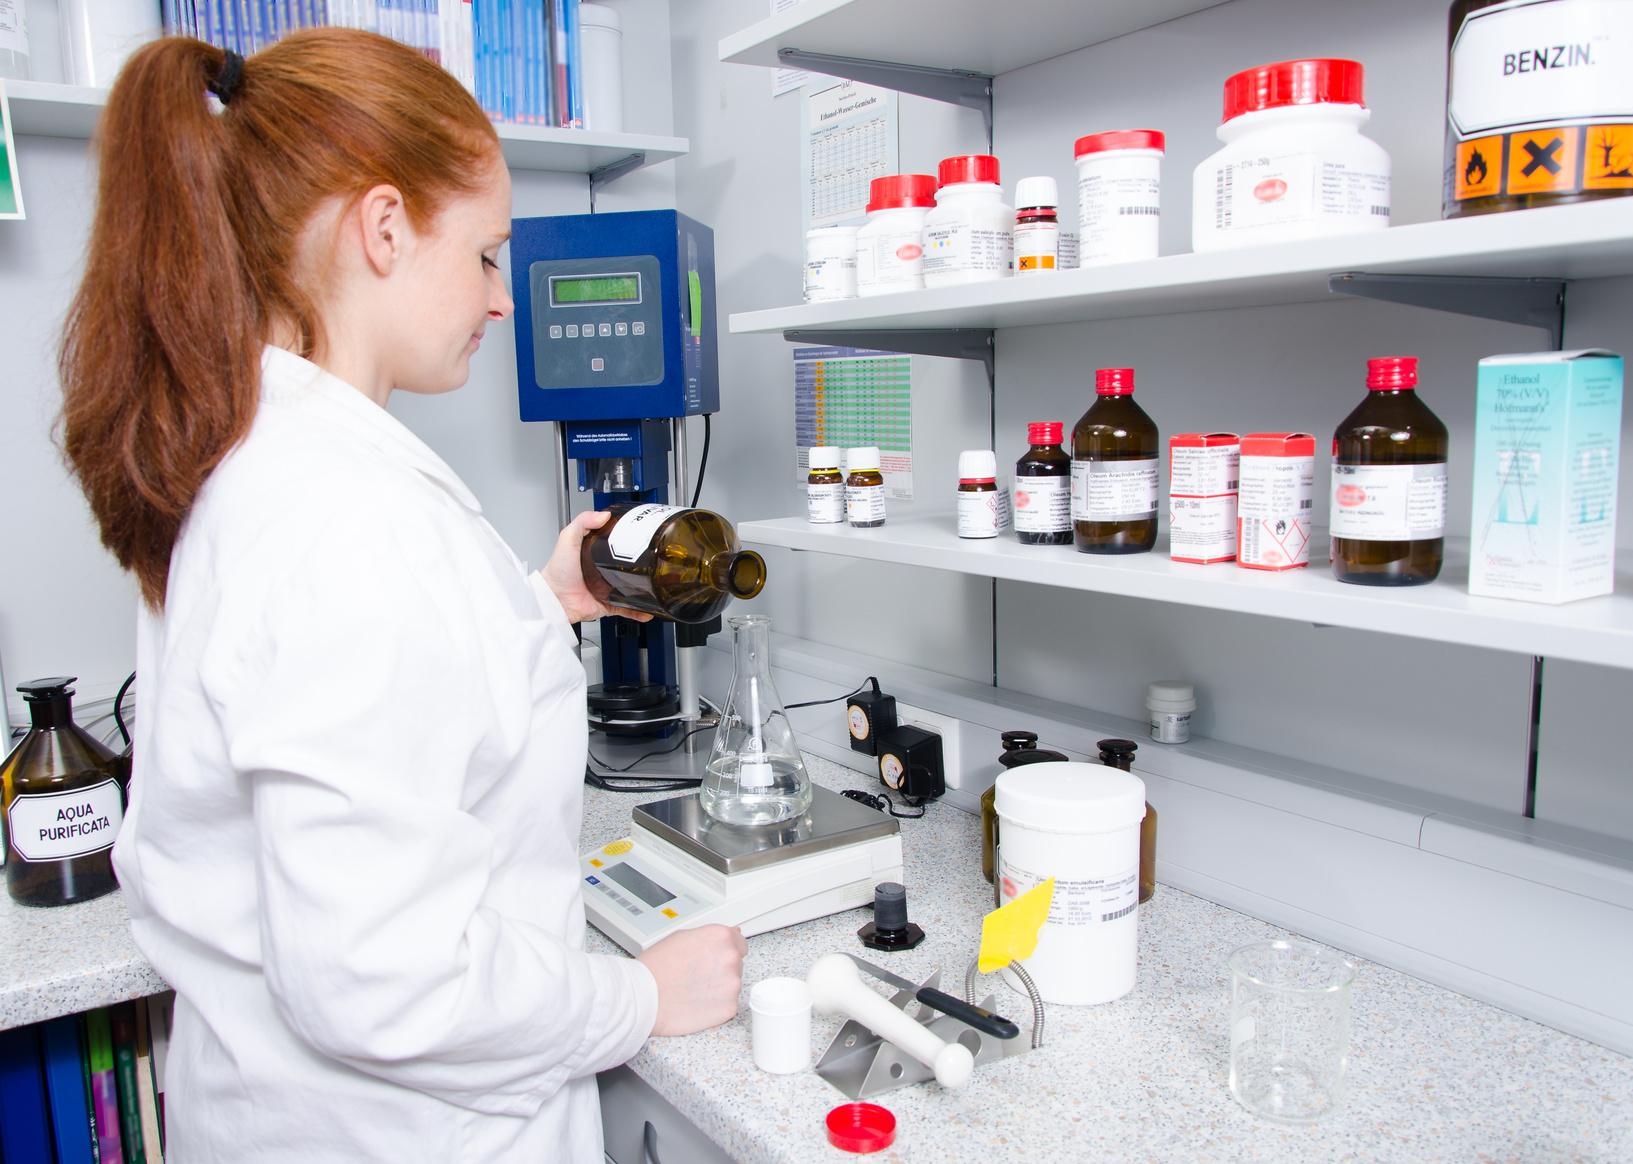 Die TRGS 525 sorgt für mehr Sicherheit bei Tätigkeiten mit Arzneimitteln